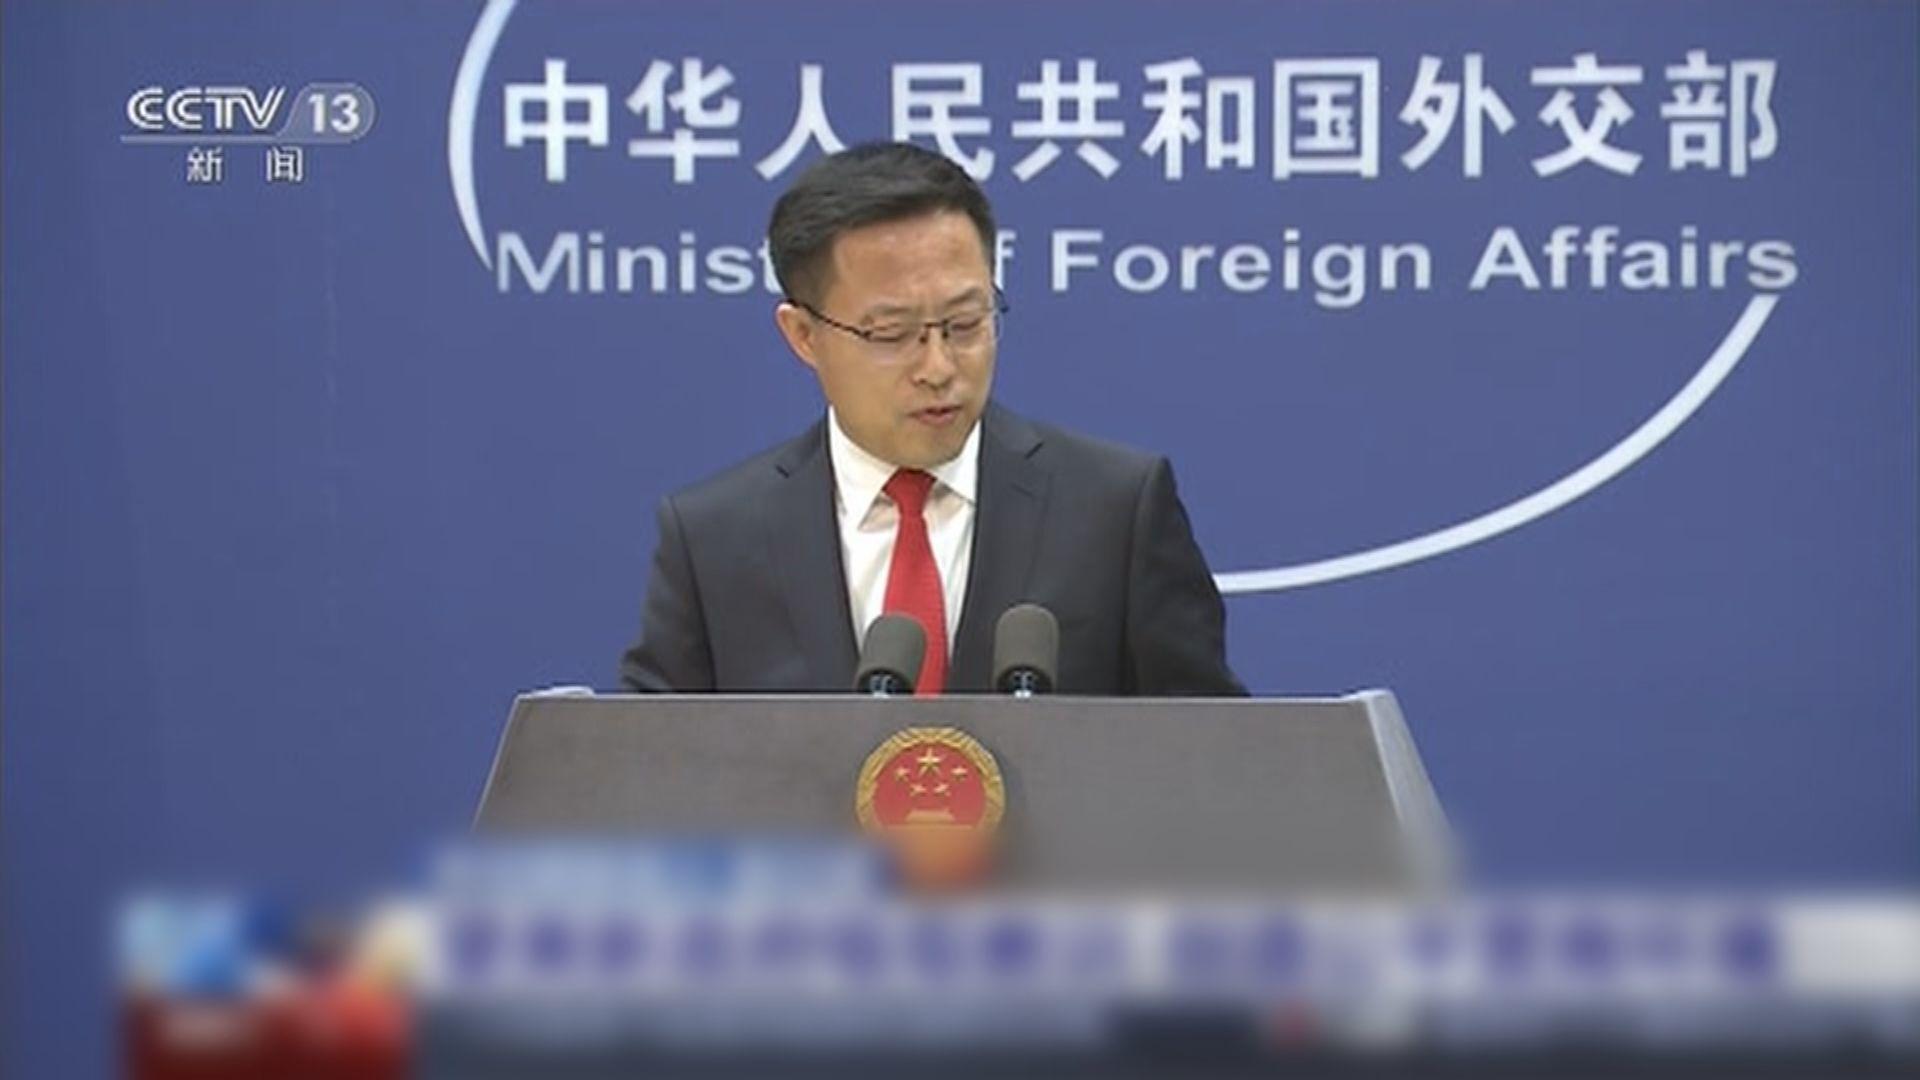 外交部籲美尊重市場經濟和公平競爭原則